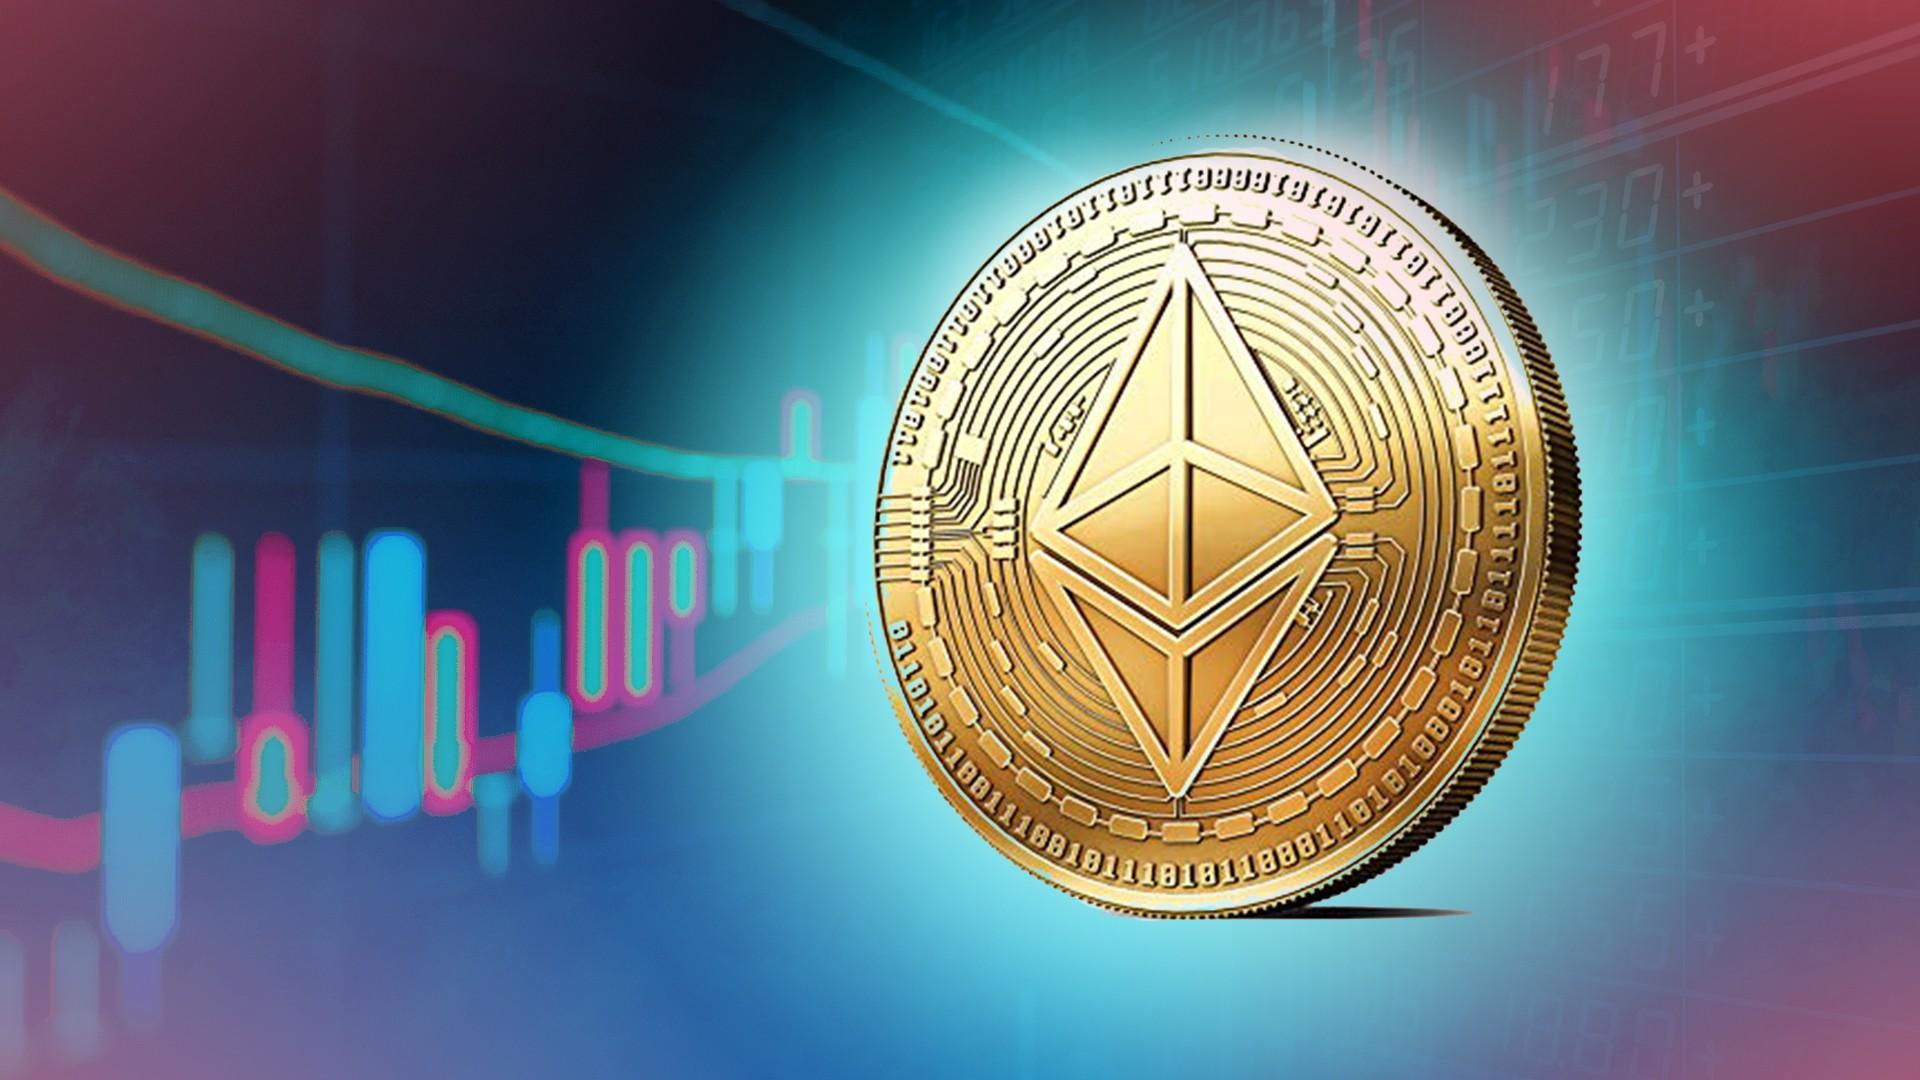 Криптоэксперты предупредили об откате Ethereum: оправдаются ли оптимистичные прогнозы